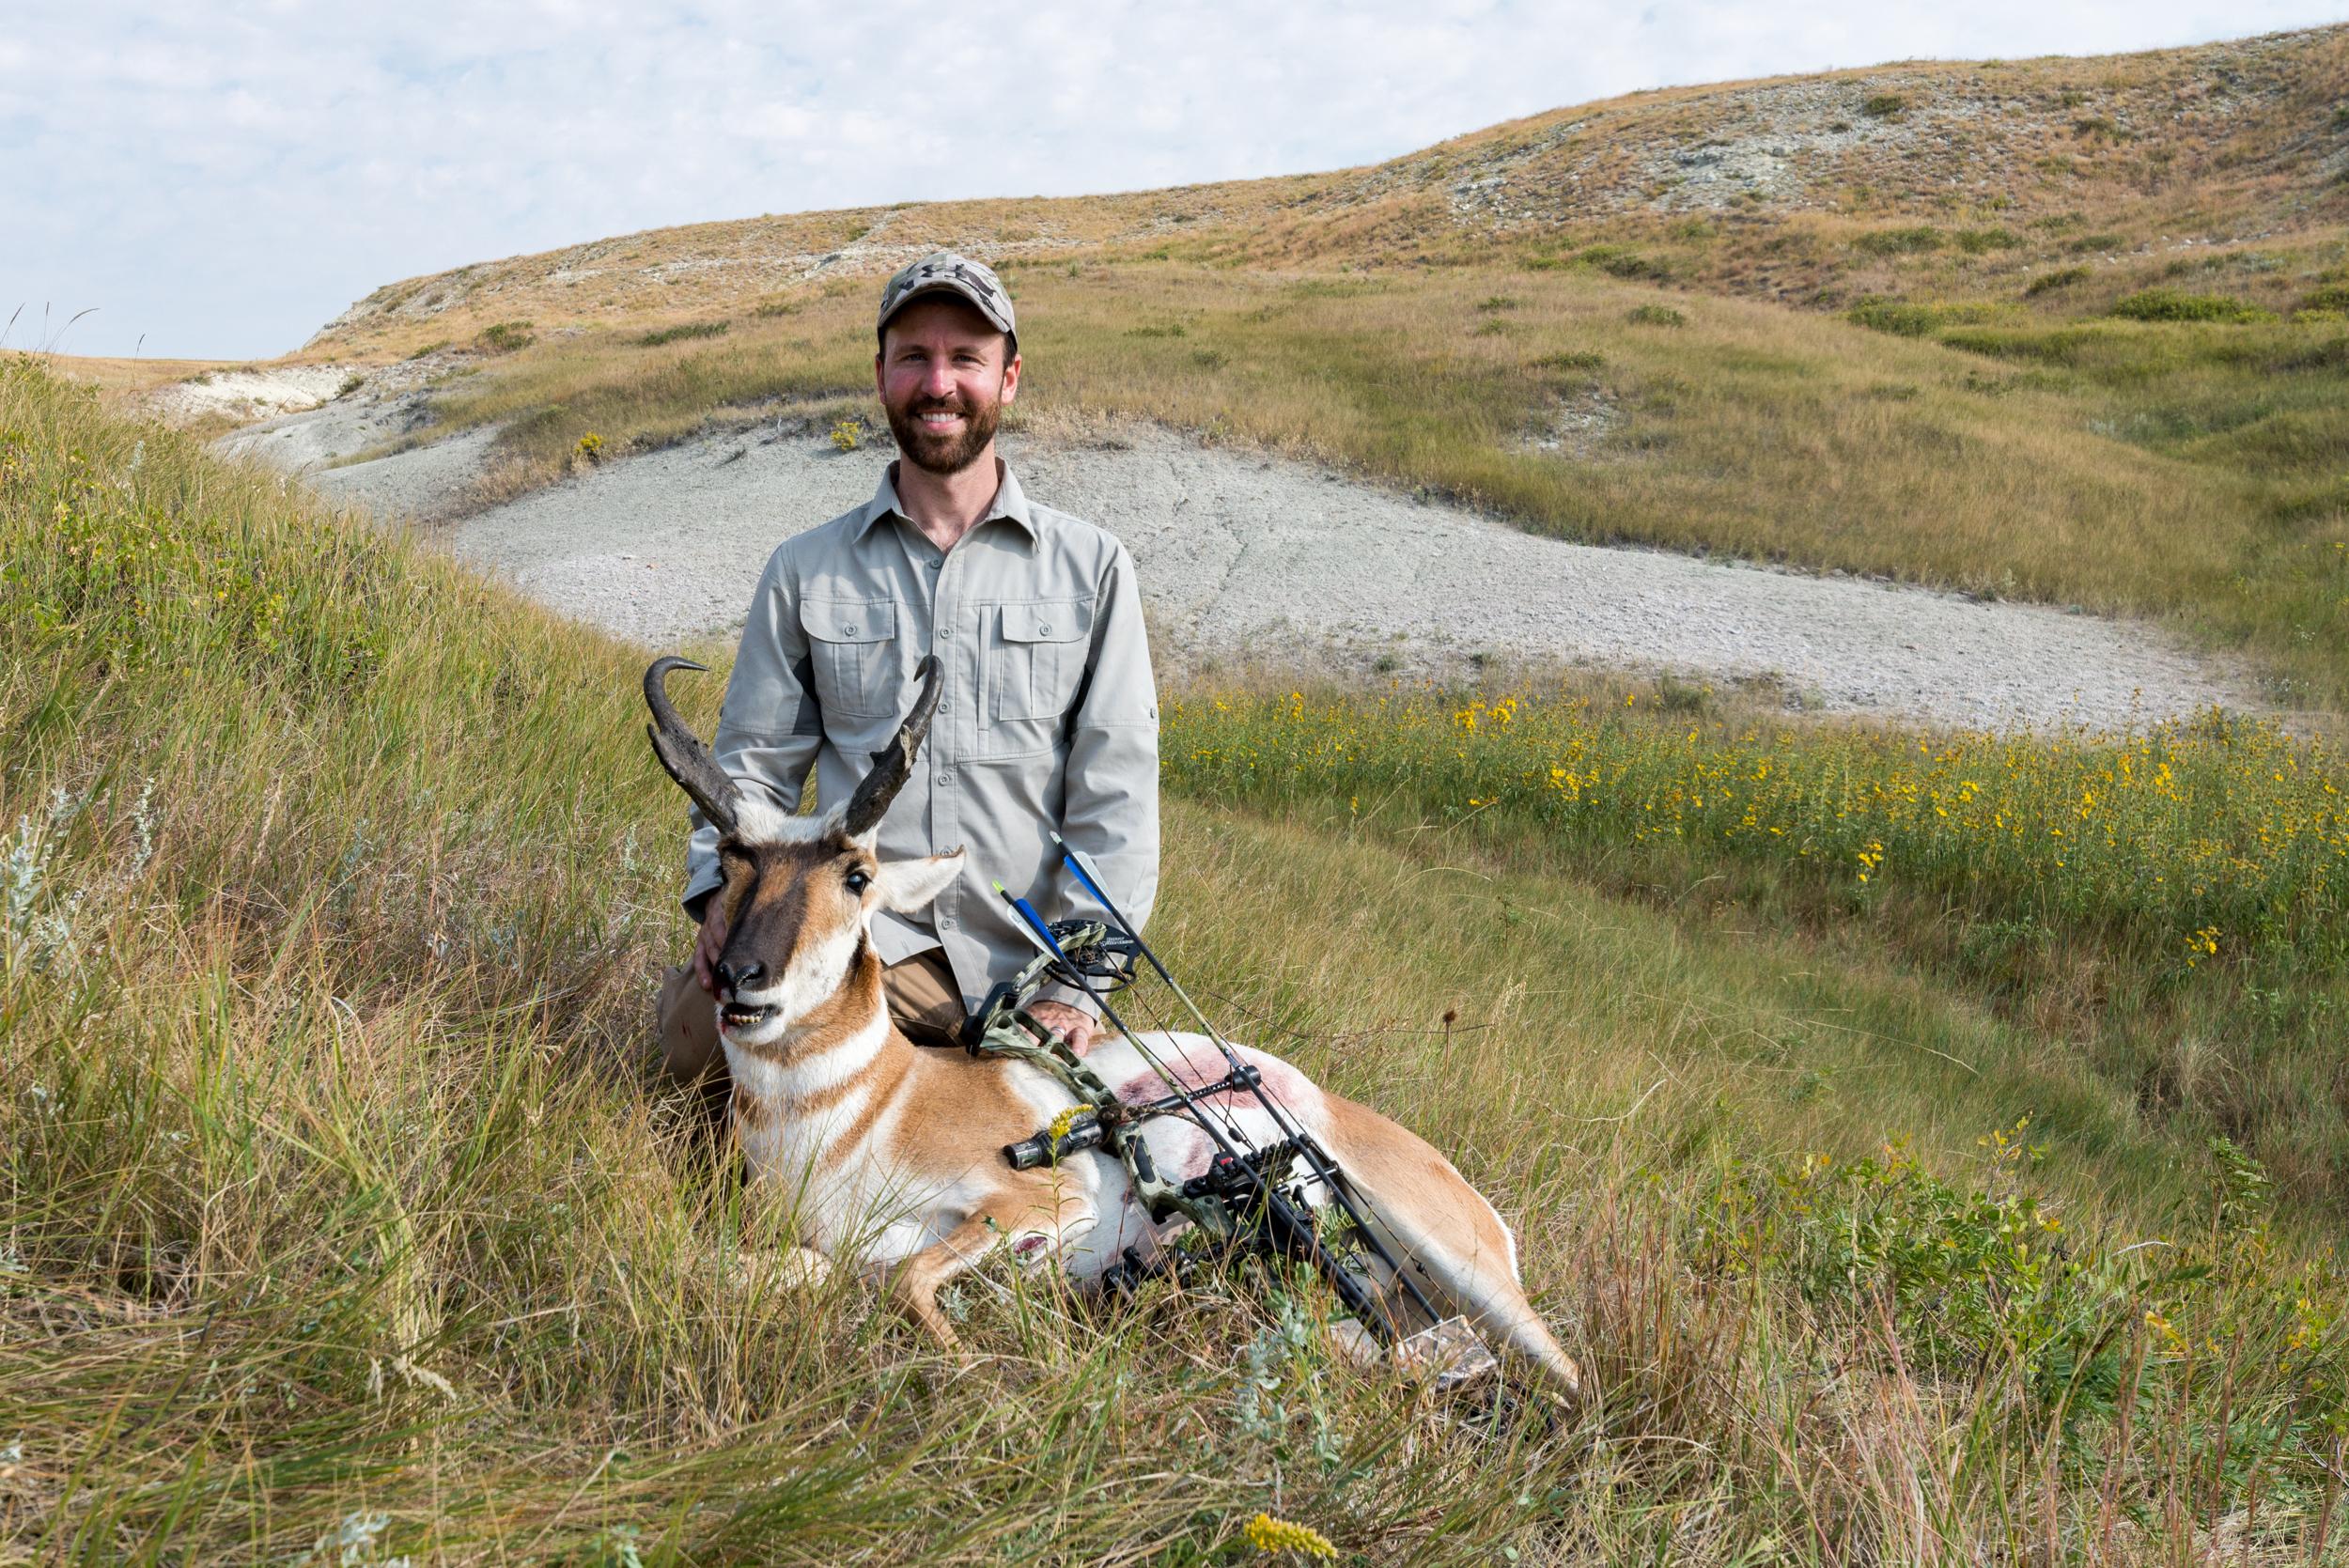 Nebraska Antelope Hunt 2017 - Crawford, Nebraska